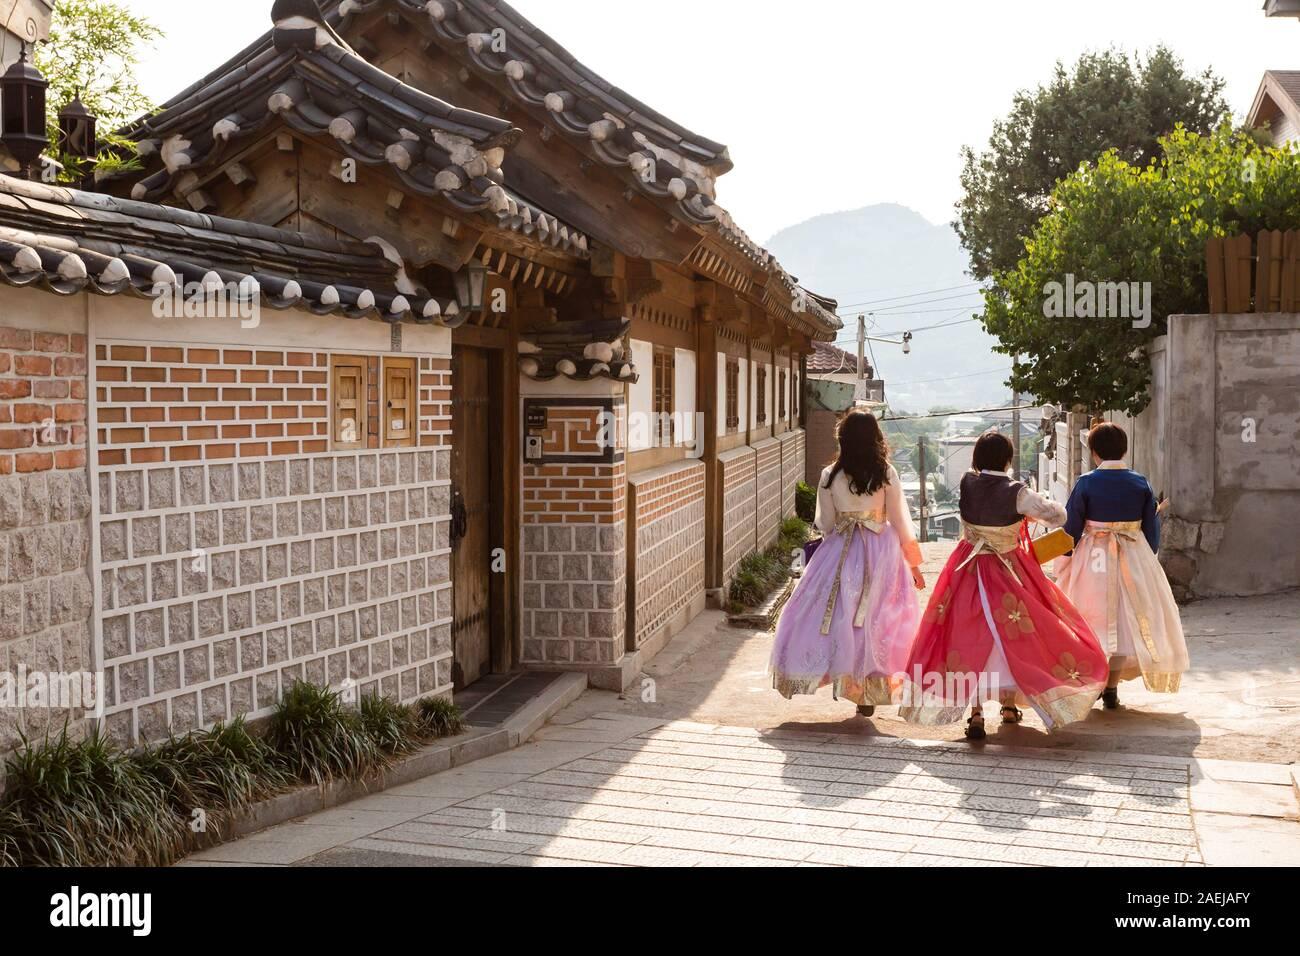 Séoul, Corée du Sud - 21 juin 2017: trois jeunes femmes à porter hanbok traditionnels colorés - marche dans la rue, dans le village de Bukchon Hanok à Séoul. Banque D'Images